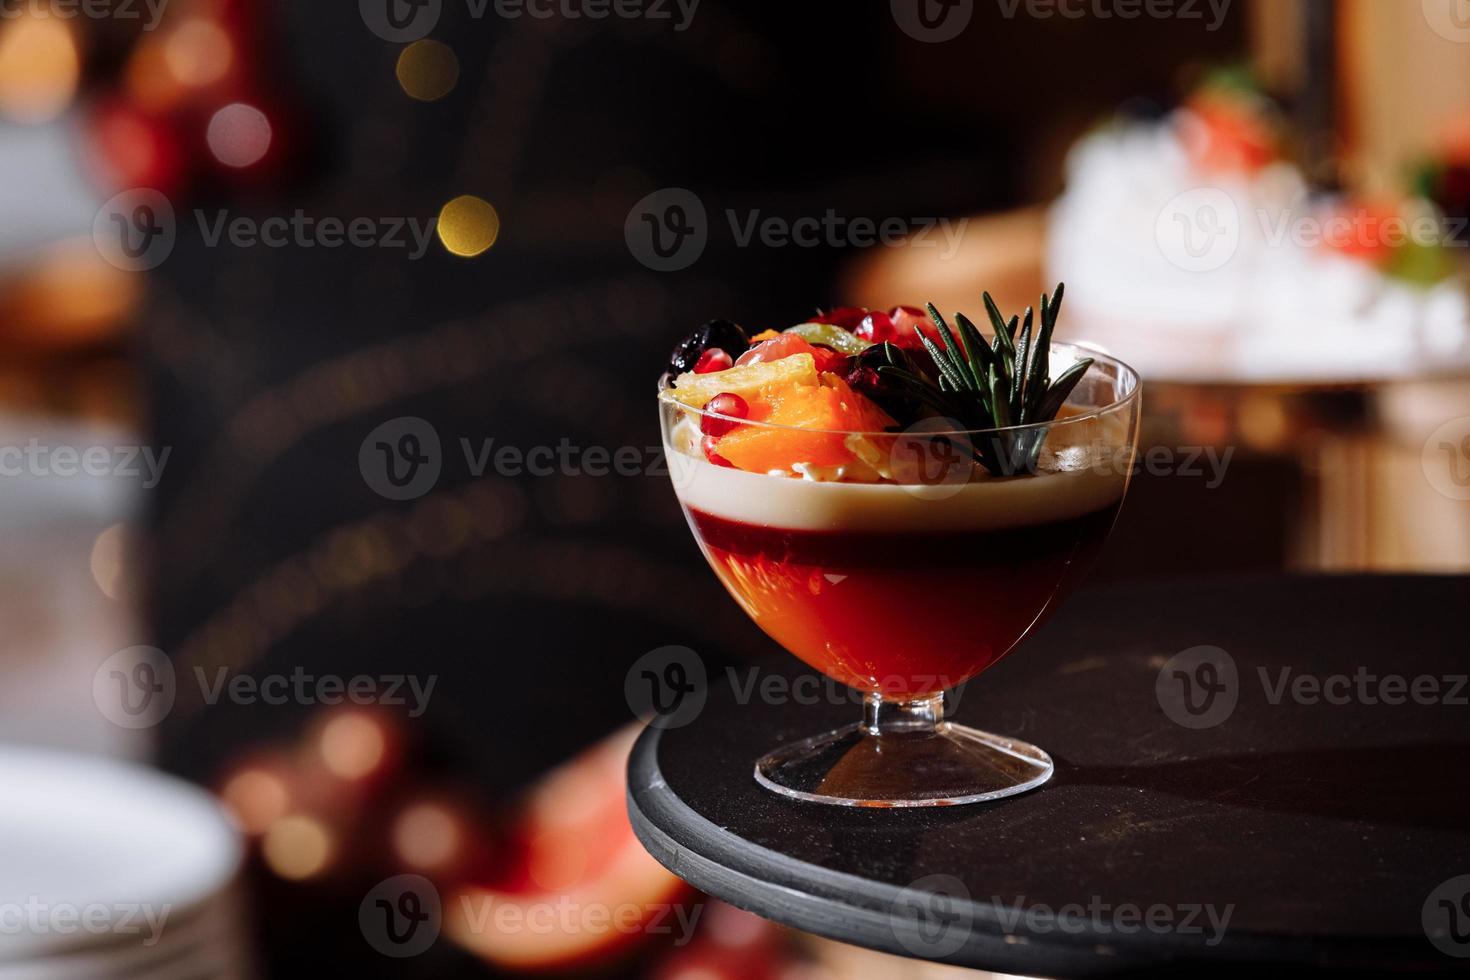 färgglatt bord med godis och godsaker för bröllopsfestmottagningen, dekorationsdessertbord. läckra godis på godisbuffé. dessertbord för en fest. kakor, muffins. foto